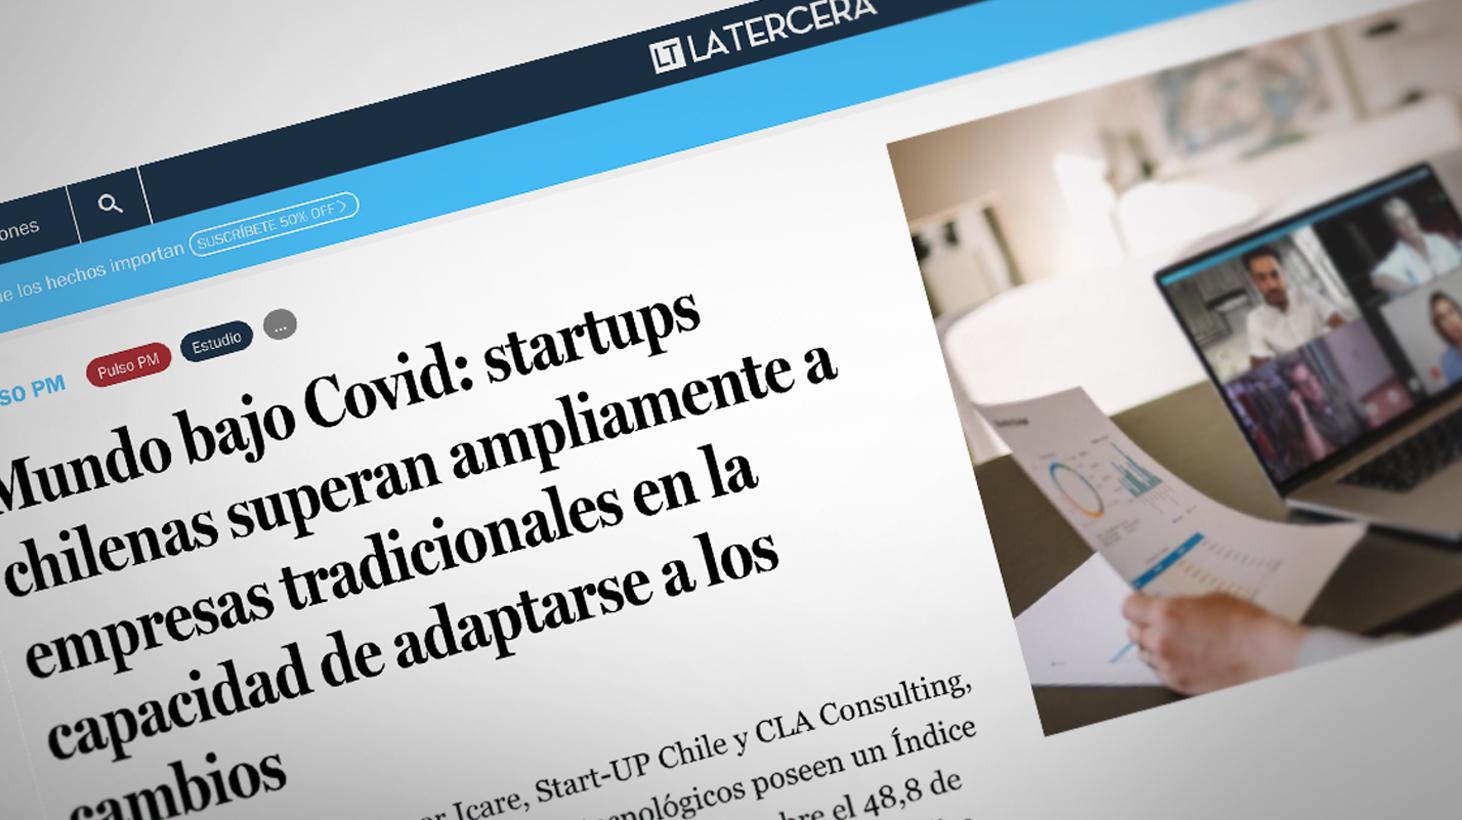 Mundo bajo Covid: startups chilenas superan ampliamente a empresas tradicionales en adaptarse a cambios.